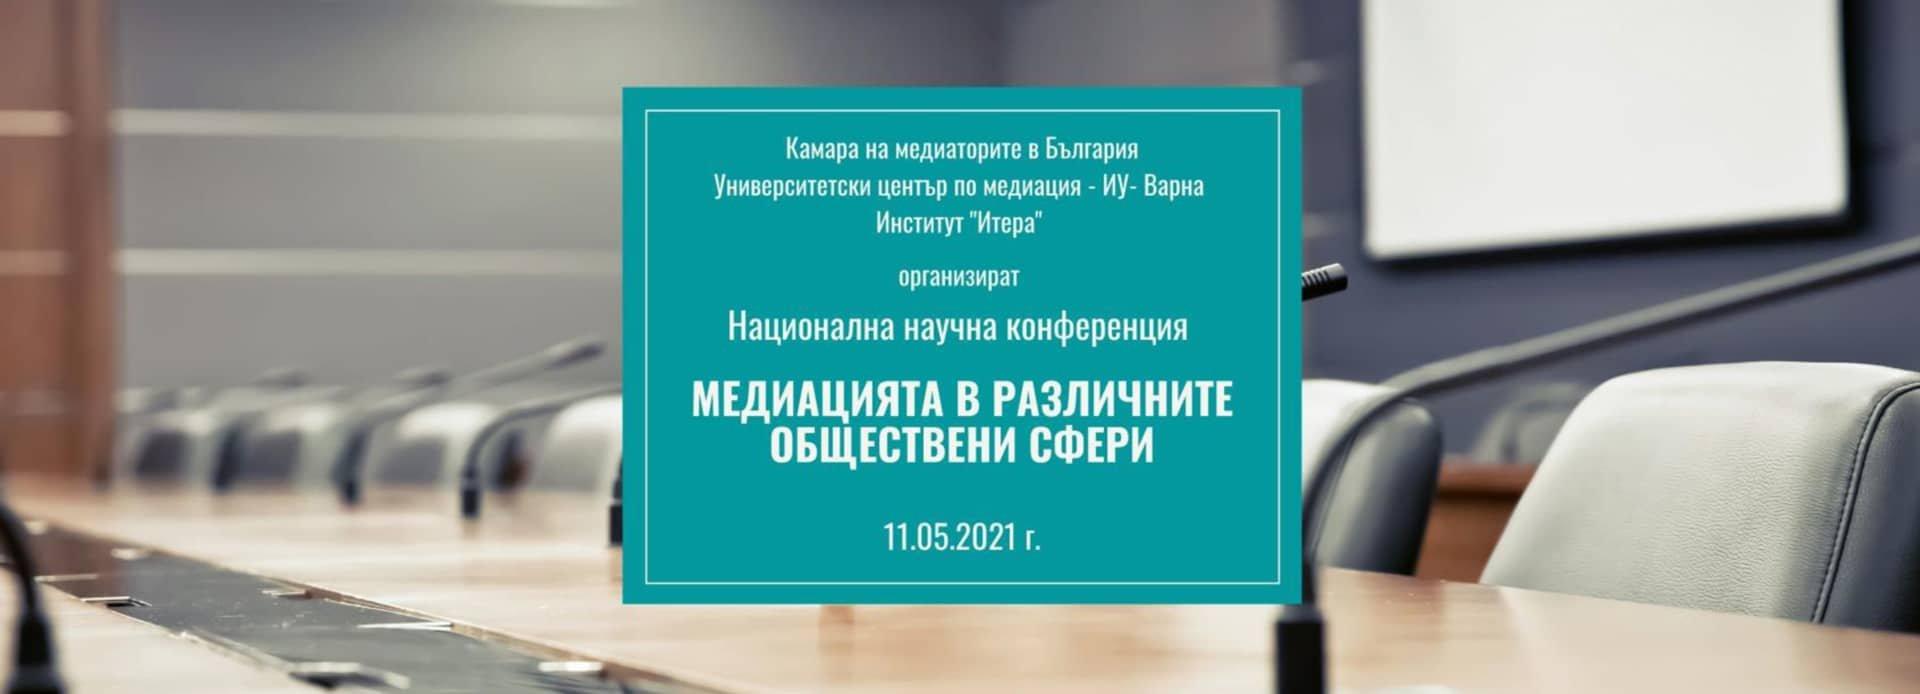 """Национална научна конференция """"Медиацията в различните обществени сфери"""""""